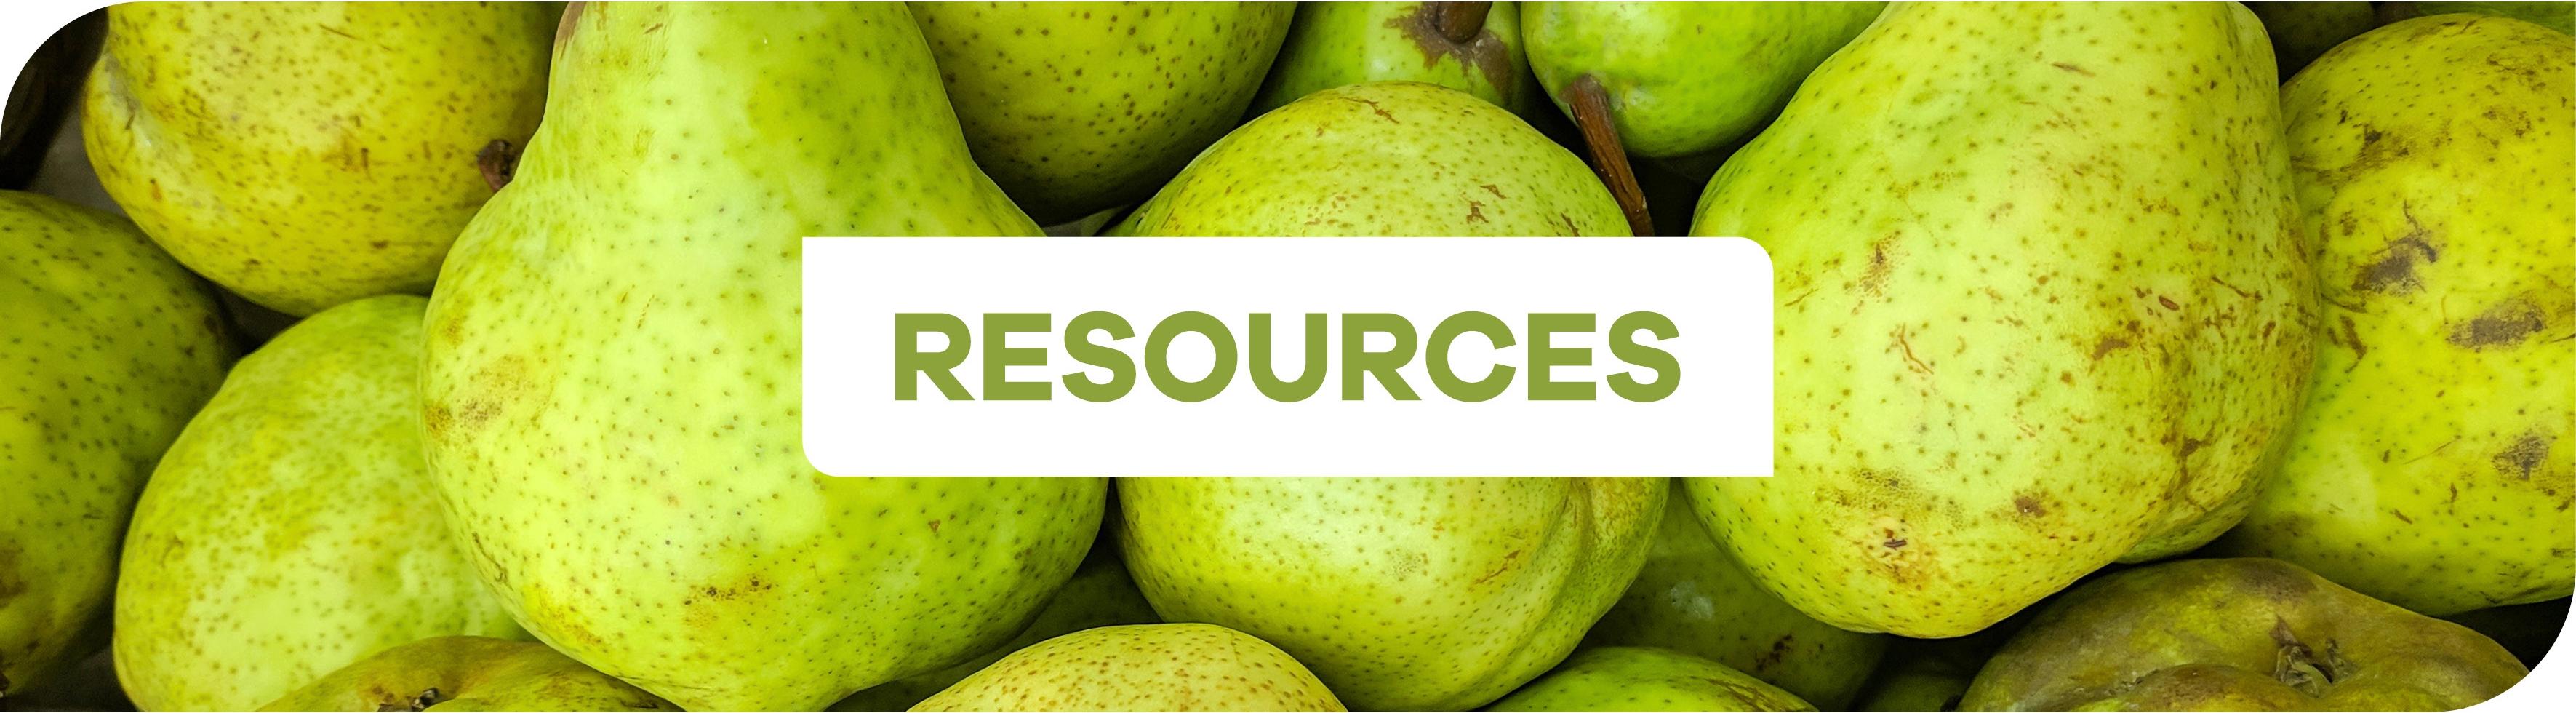 1_Website-Headers_RESOURCES